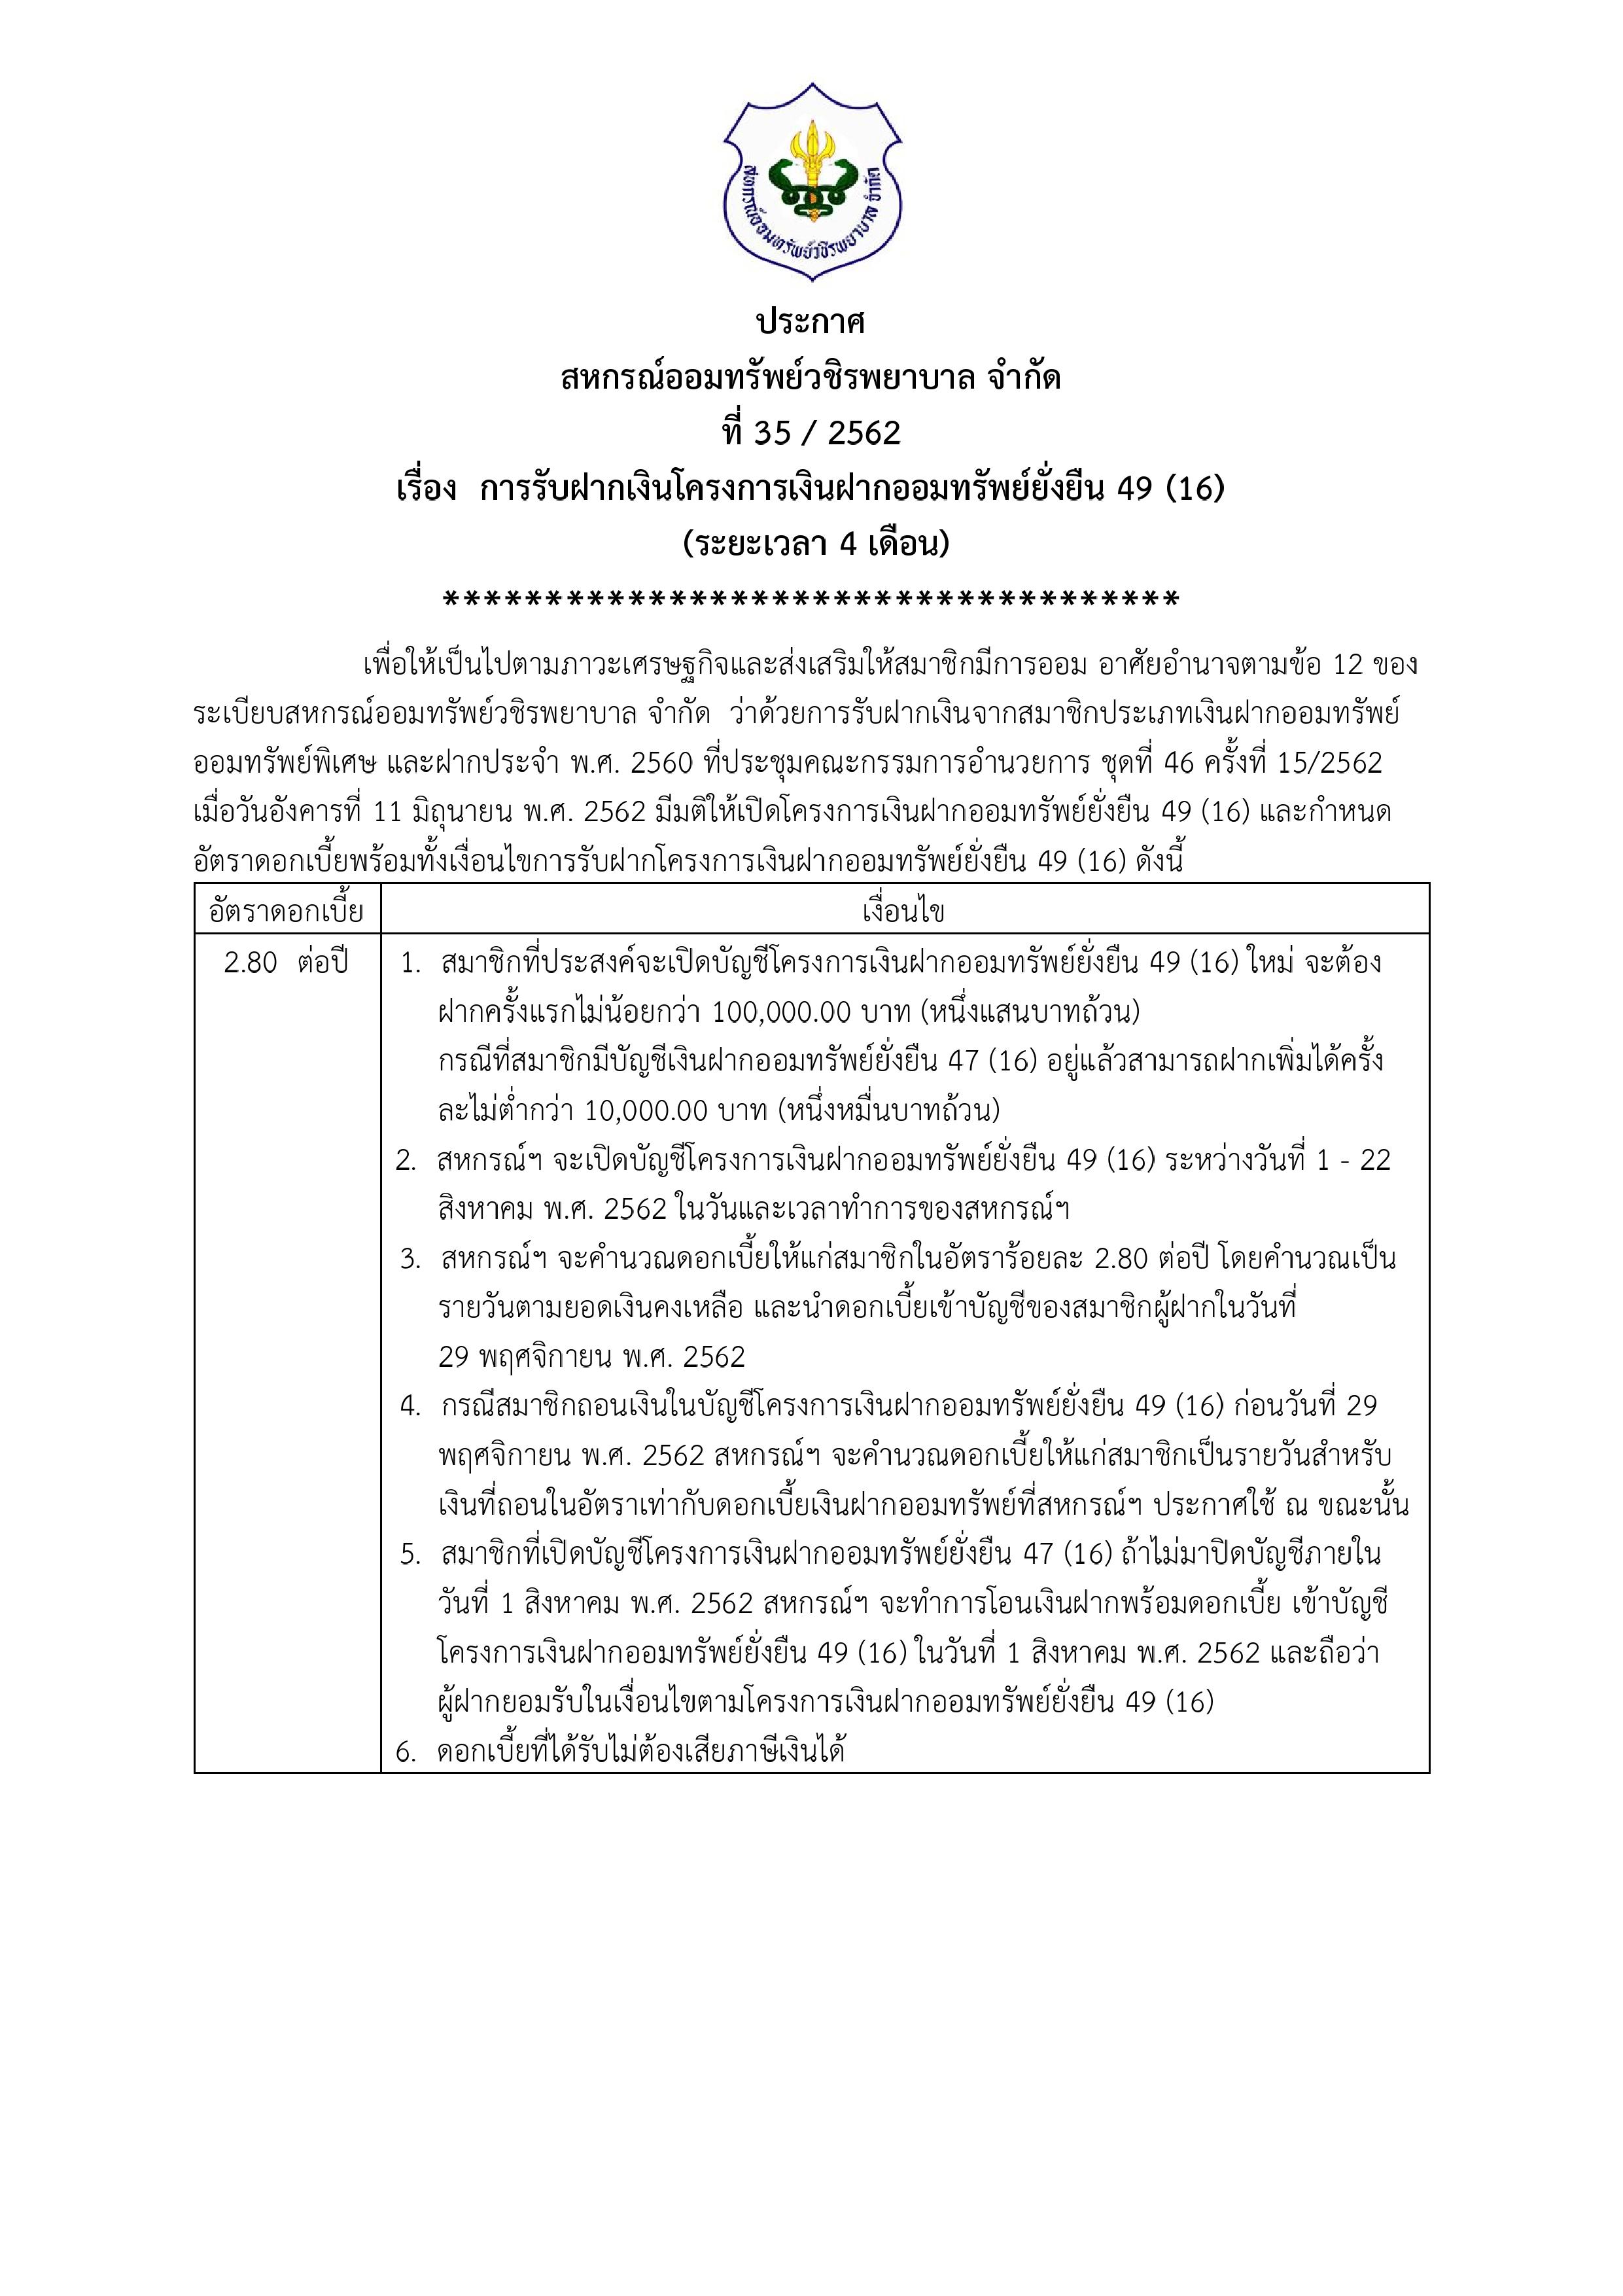 การรับฝากเงินโครงการเงินฝากออมทรัพย์ยั่งยืน 49 (16) (ระยะเวลา 4 เดือน)